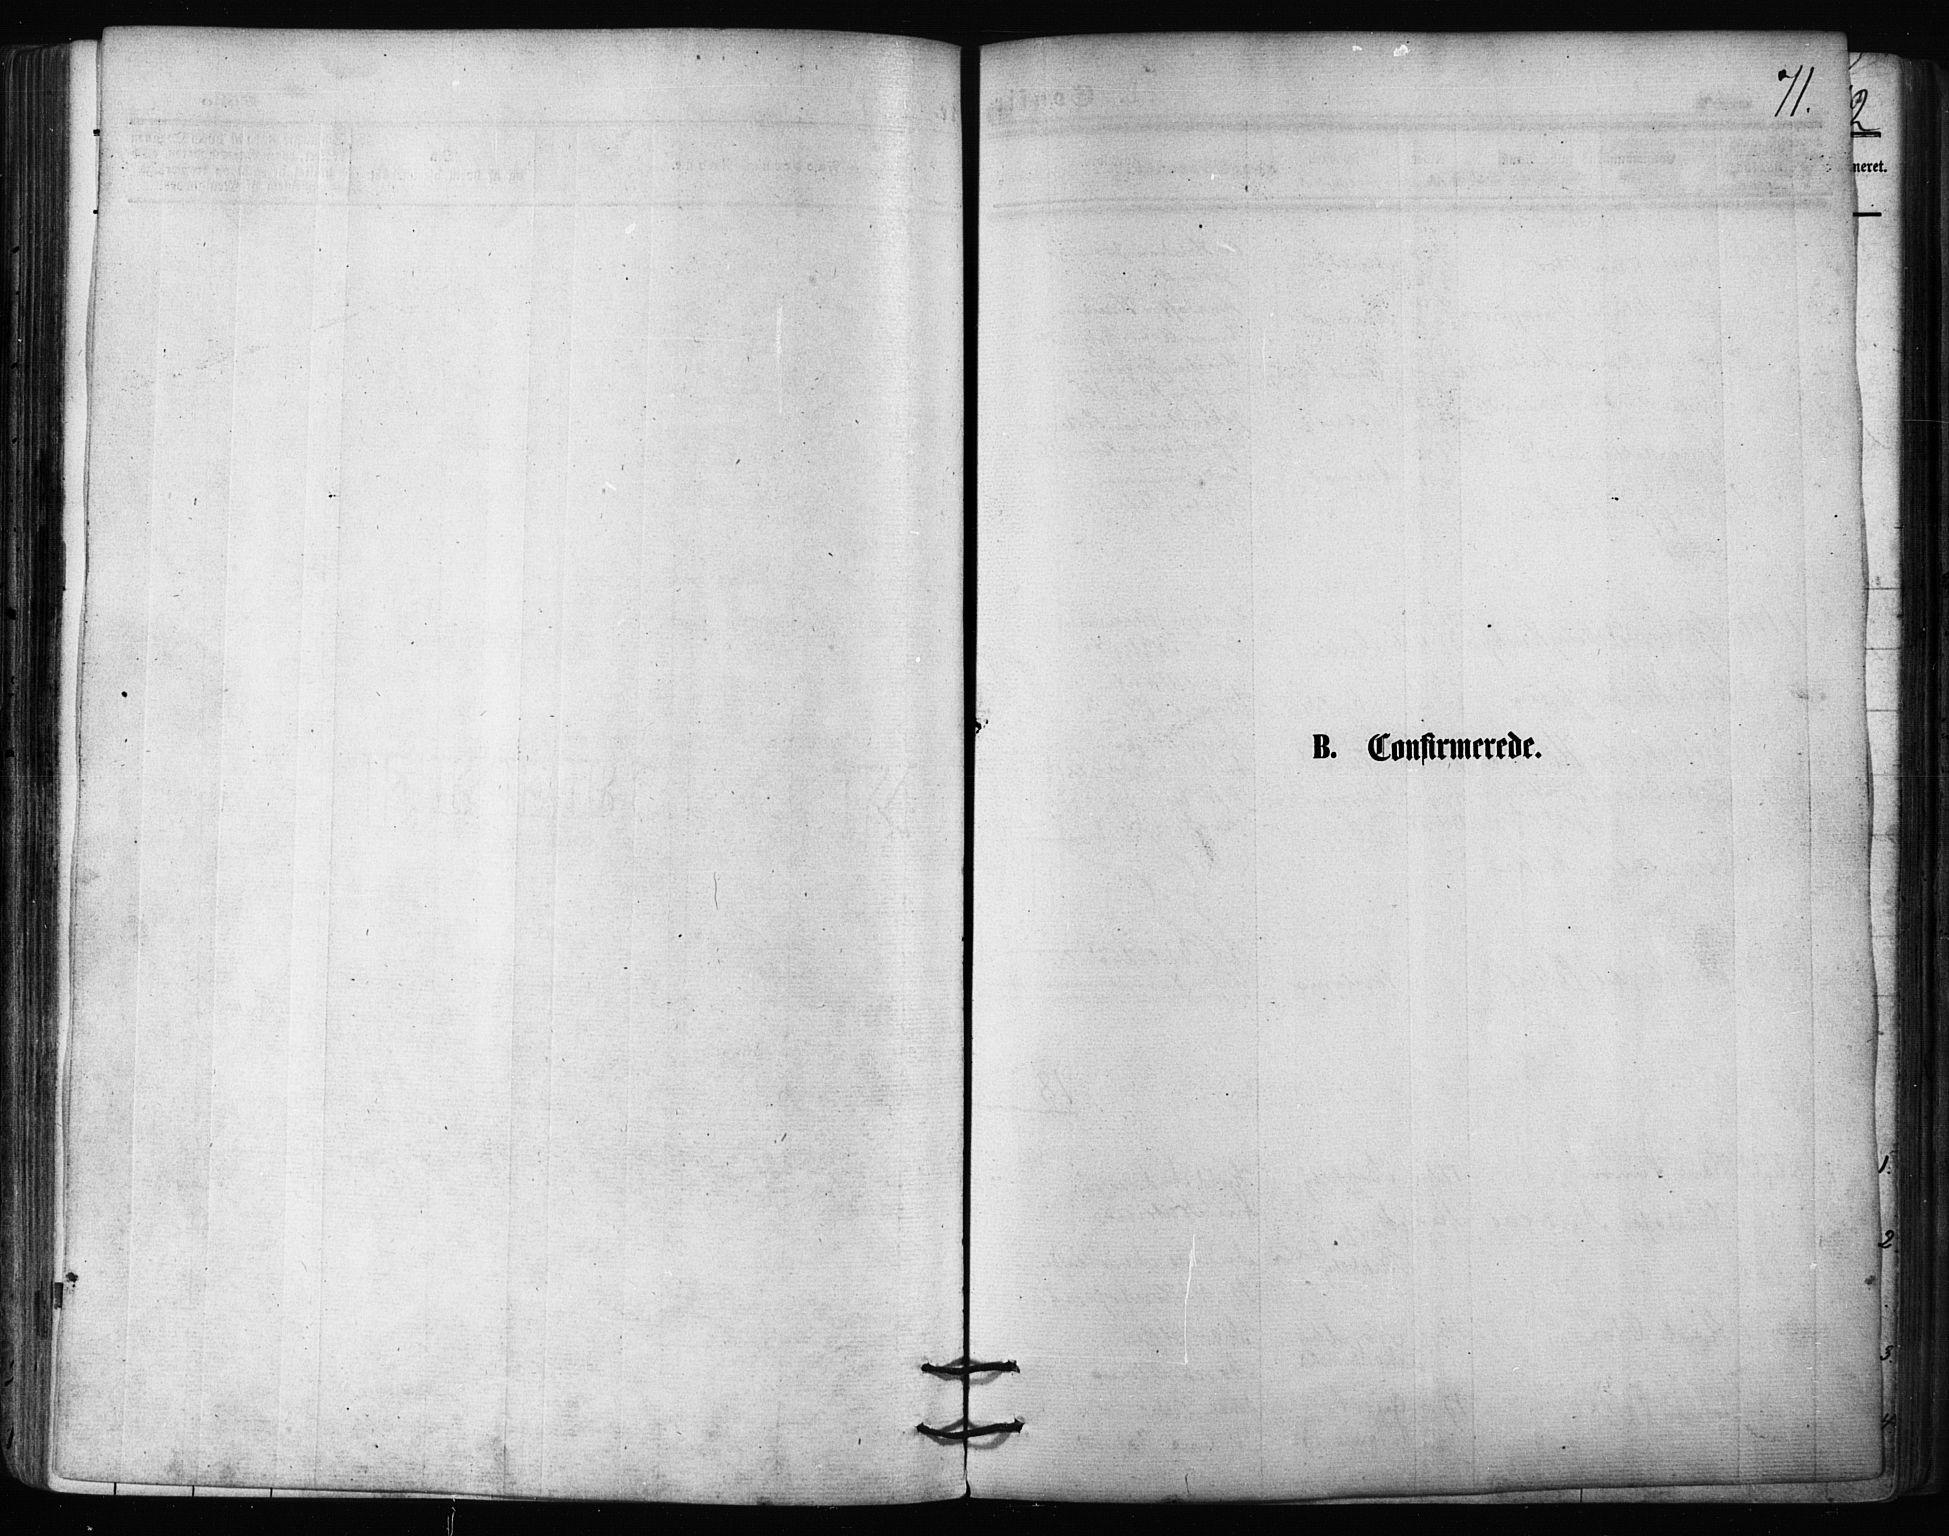 SATØ, Balsfjord sokneprestembete, Ministerialbok nr. 2, 1871-1886, s. 71